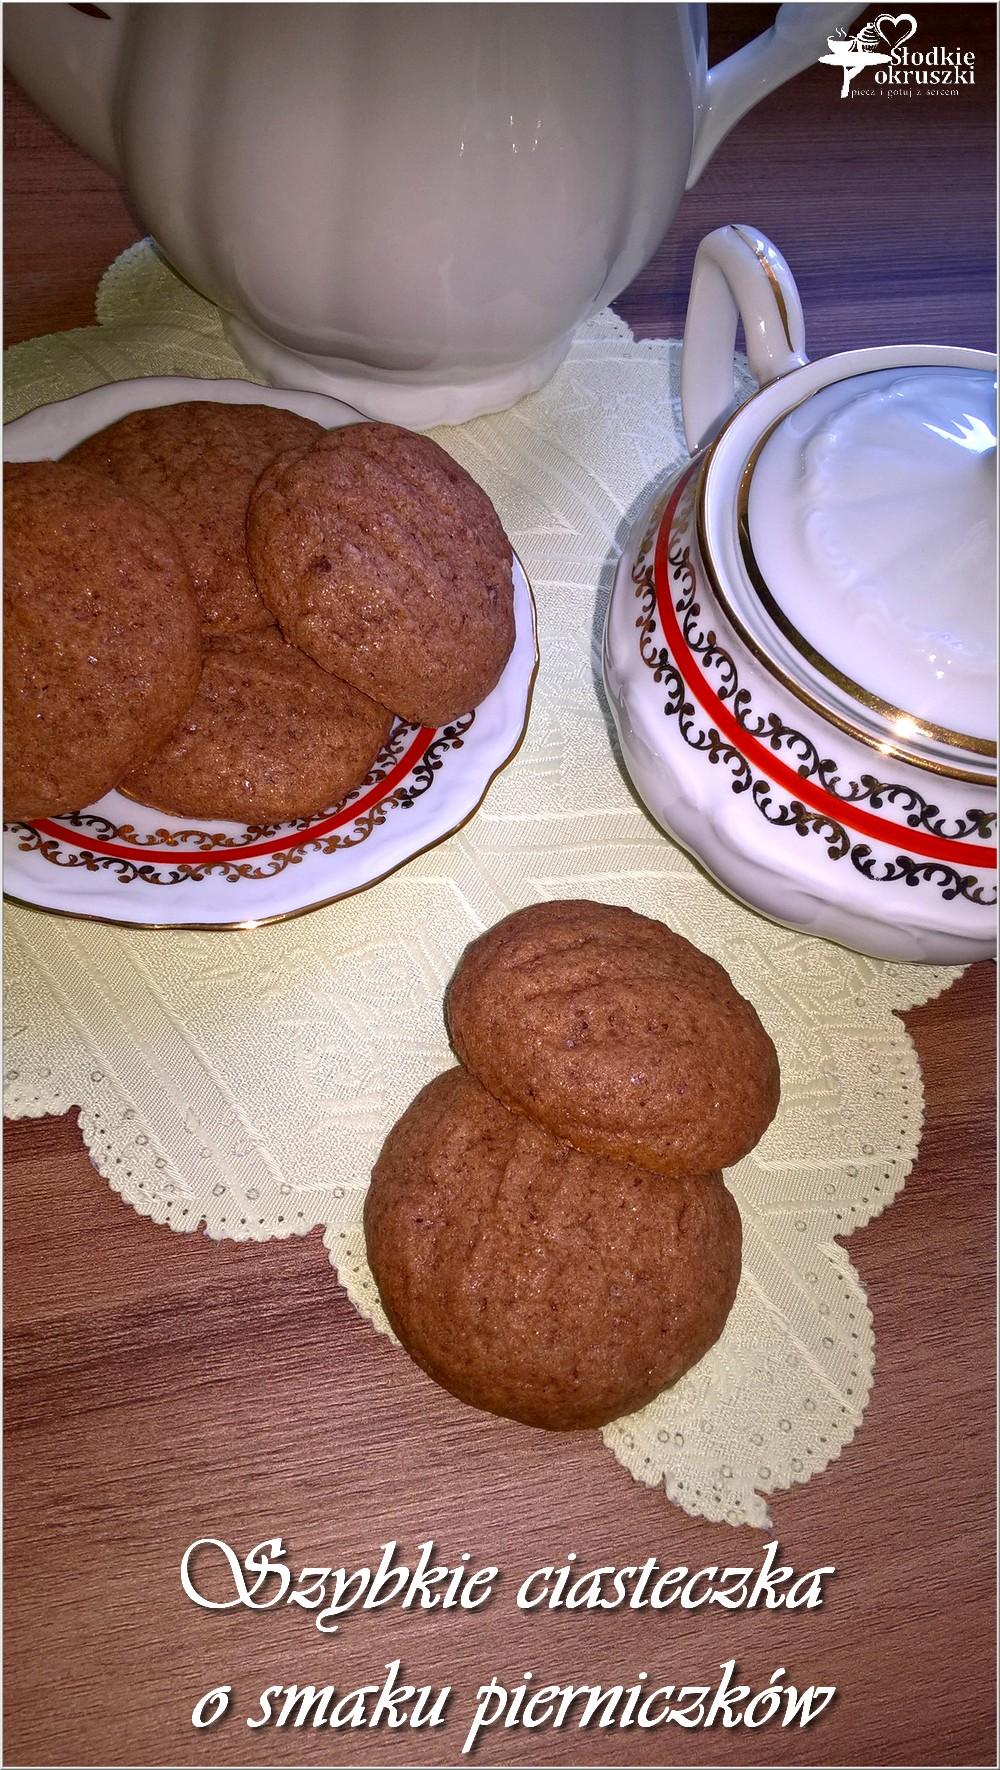 Szybkie ciasteczka o smaku pierniczków (2)